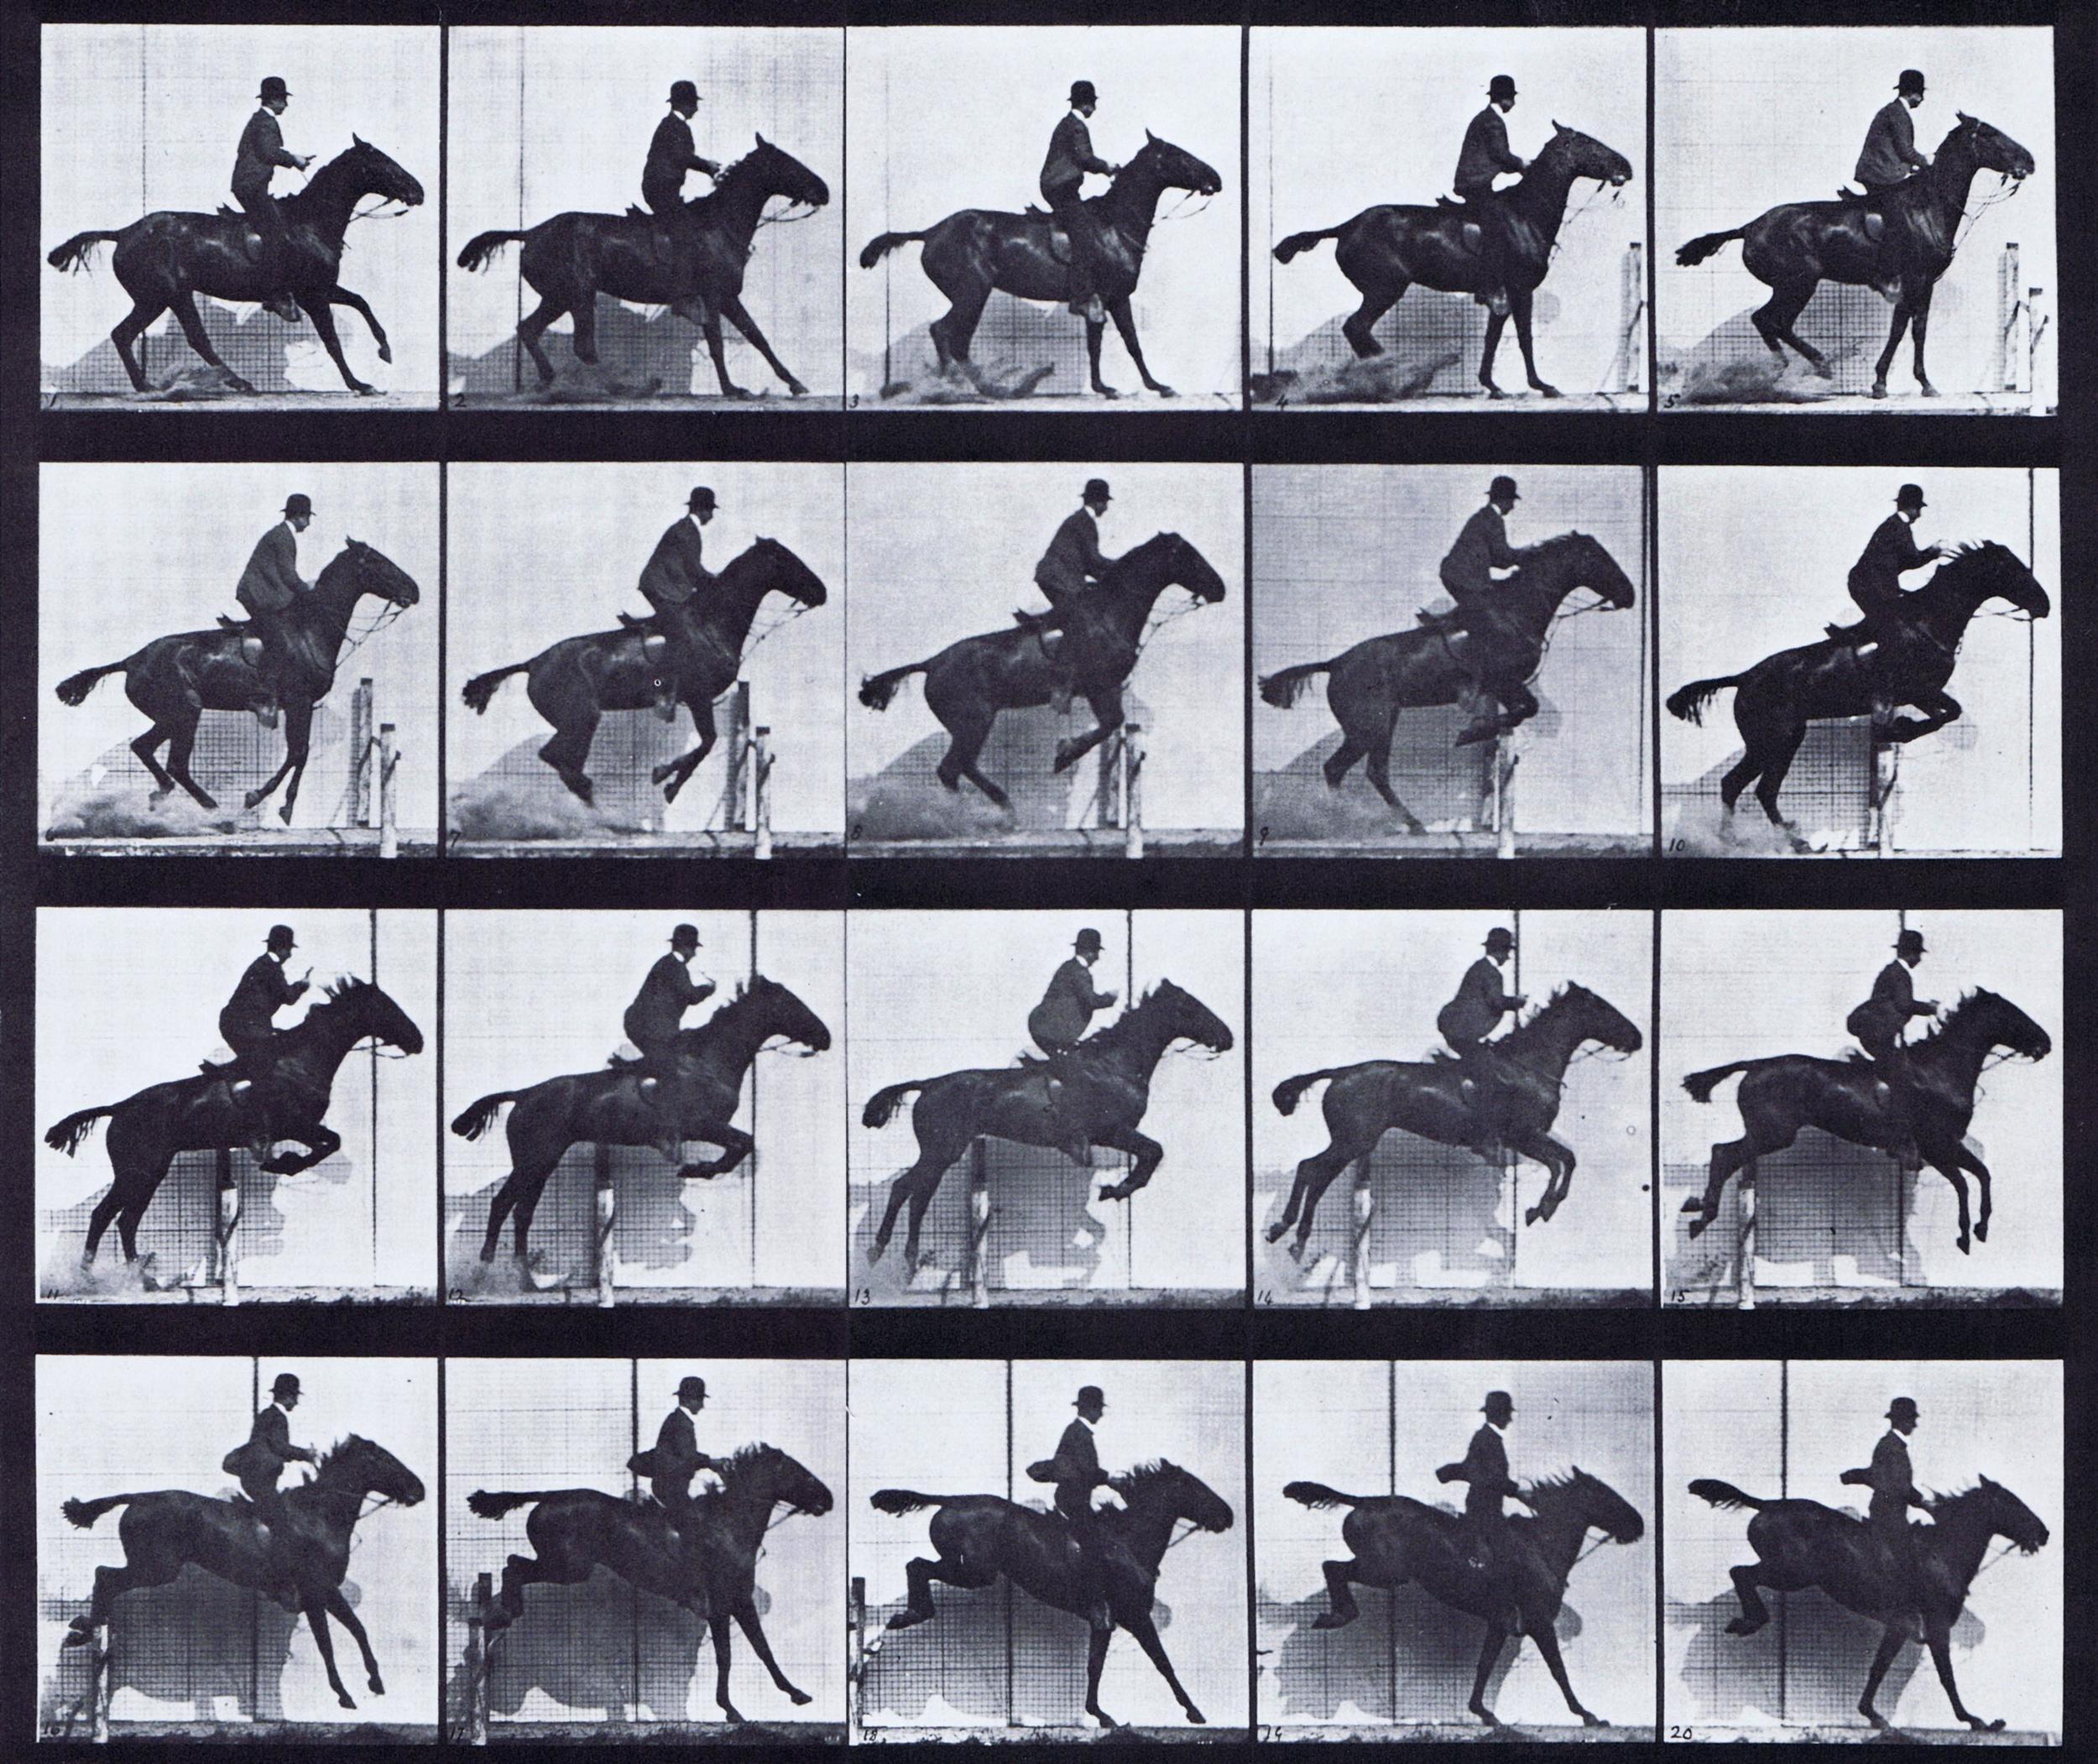 ' Horse in Motion ', 1878 by Cadweard Muybridge